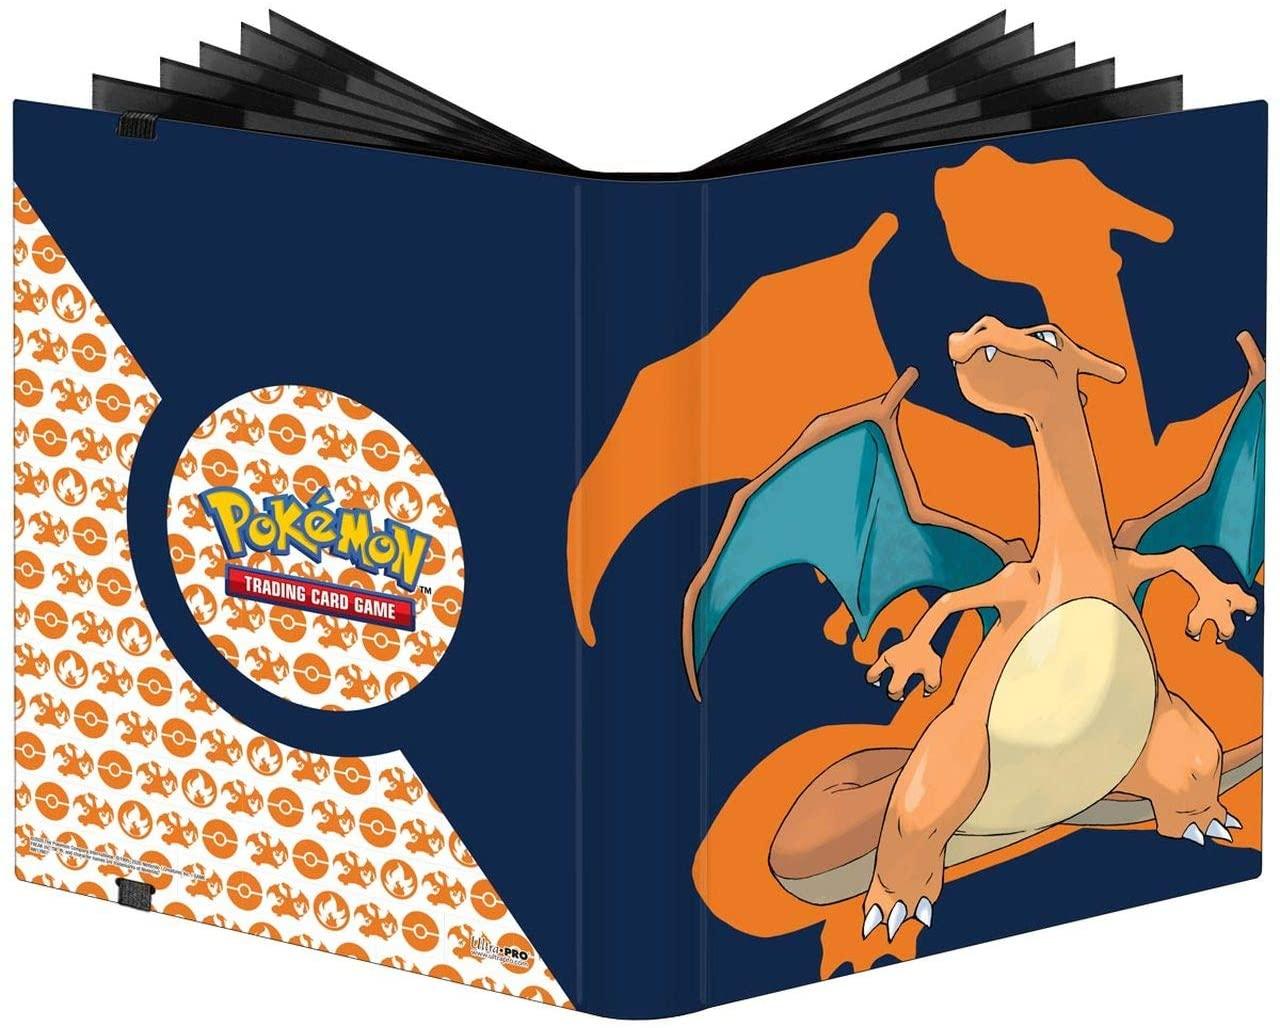 ファミリートイ・ゲーム, カードゲーム  9 Premium Pro-Binder - Pokemon Charizard